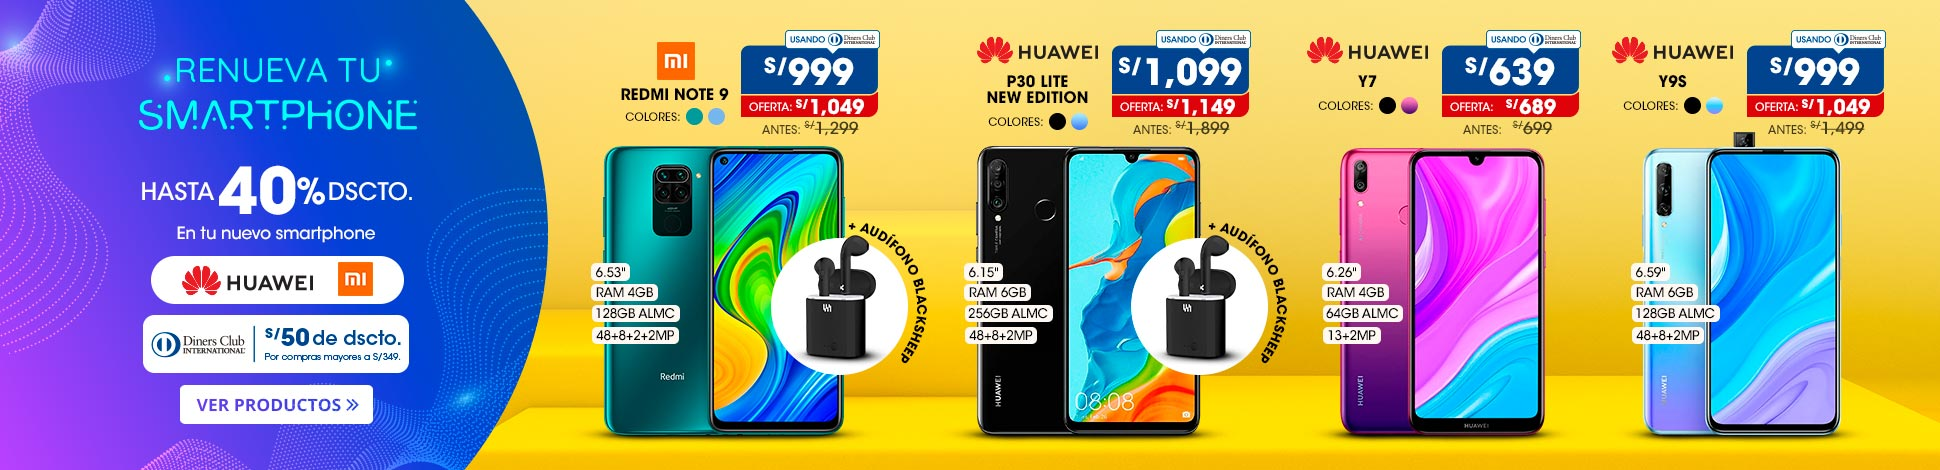 hs-deals-renueva-tu-smartphone.jpg | Juntoz.com